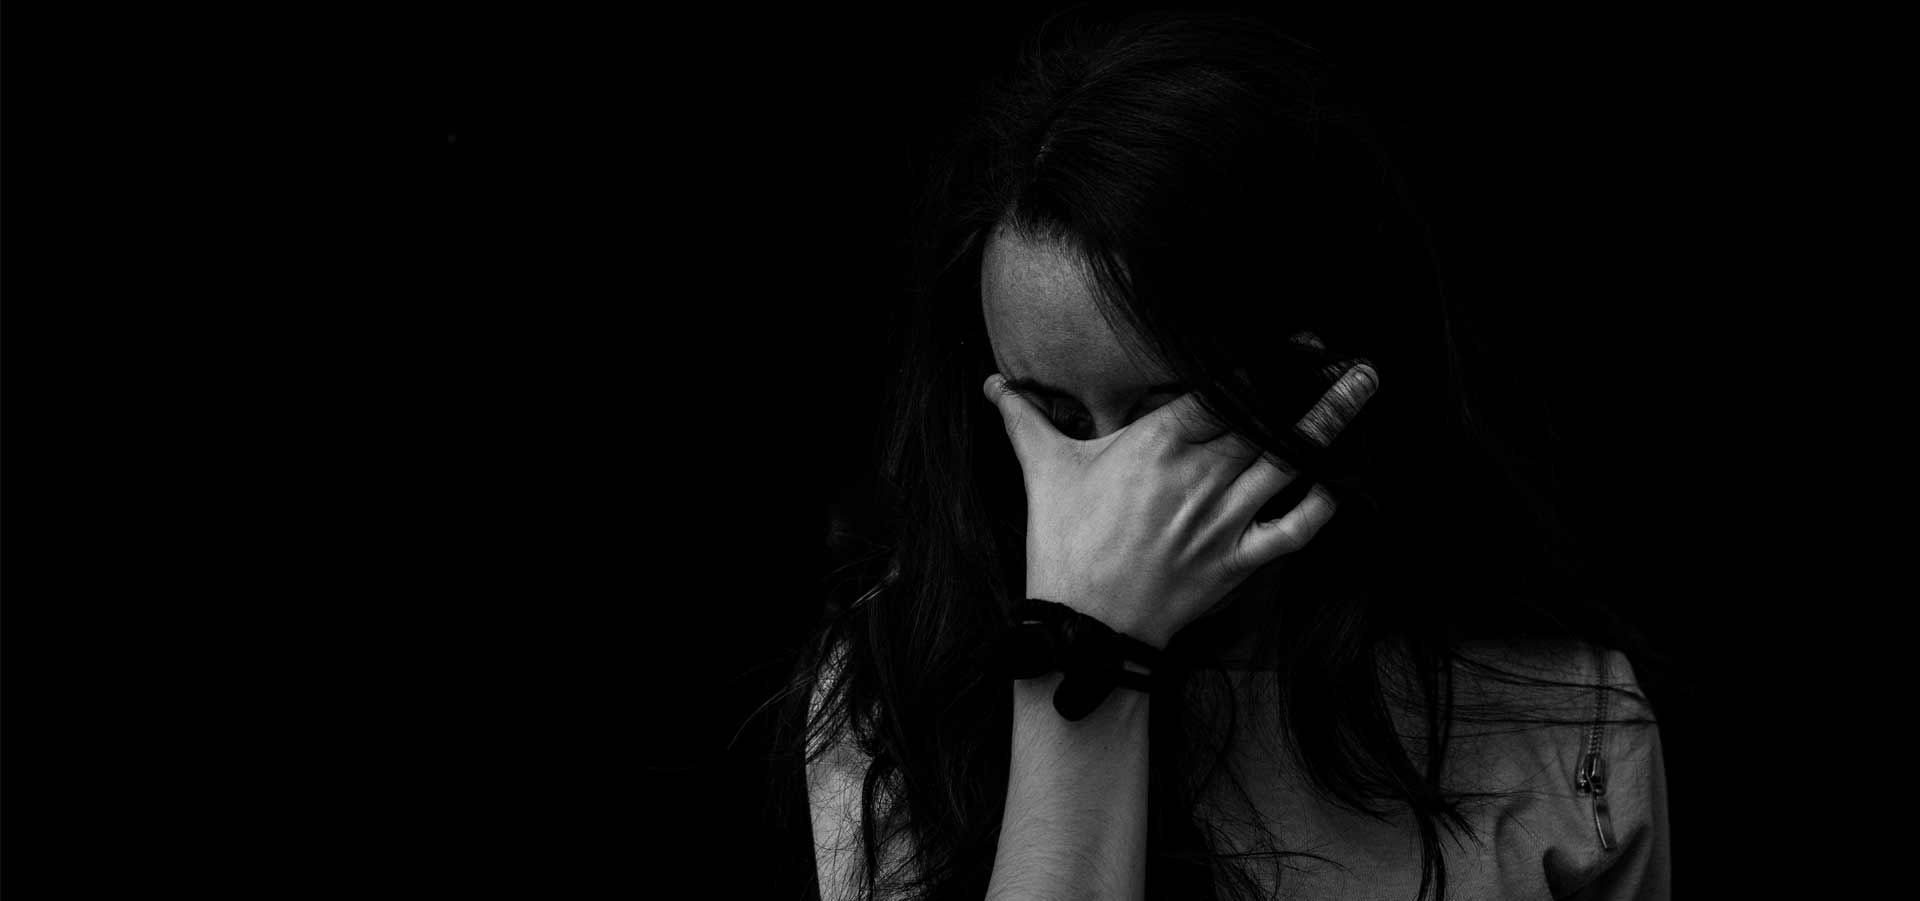 ¿Qué es la ansiedad social y por qué se produce?